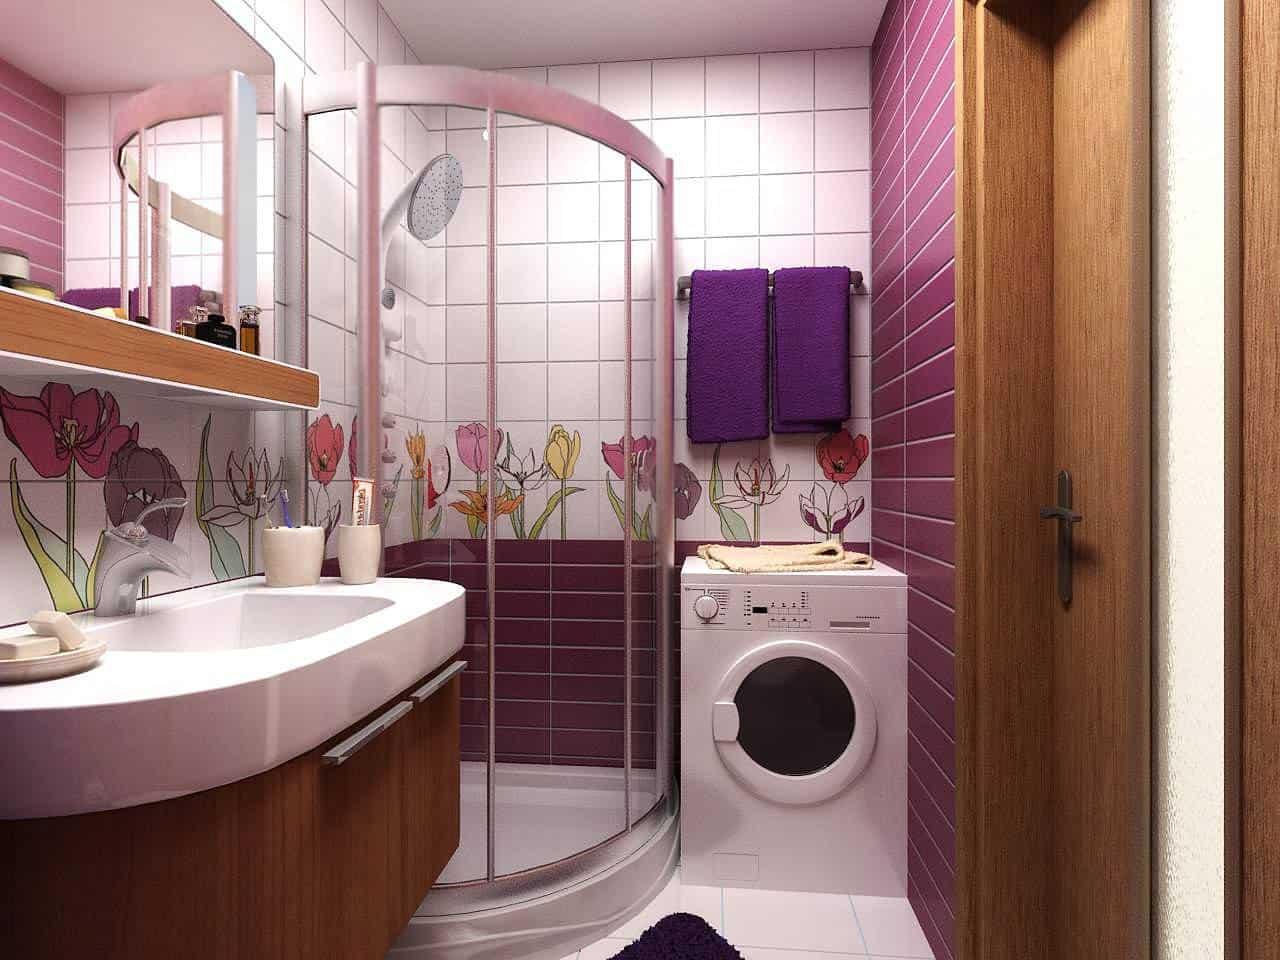 """Ванная комната в """"хрущевке"""": самые правильные и верные решения ремонта"""